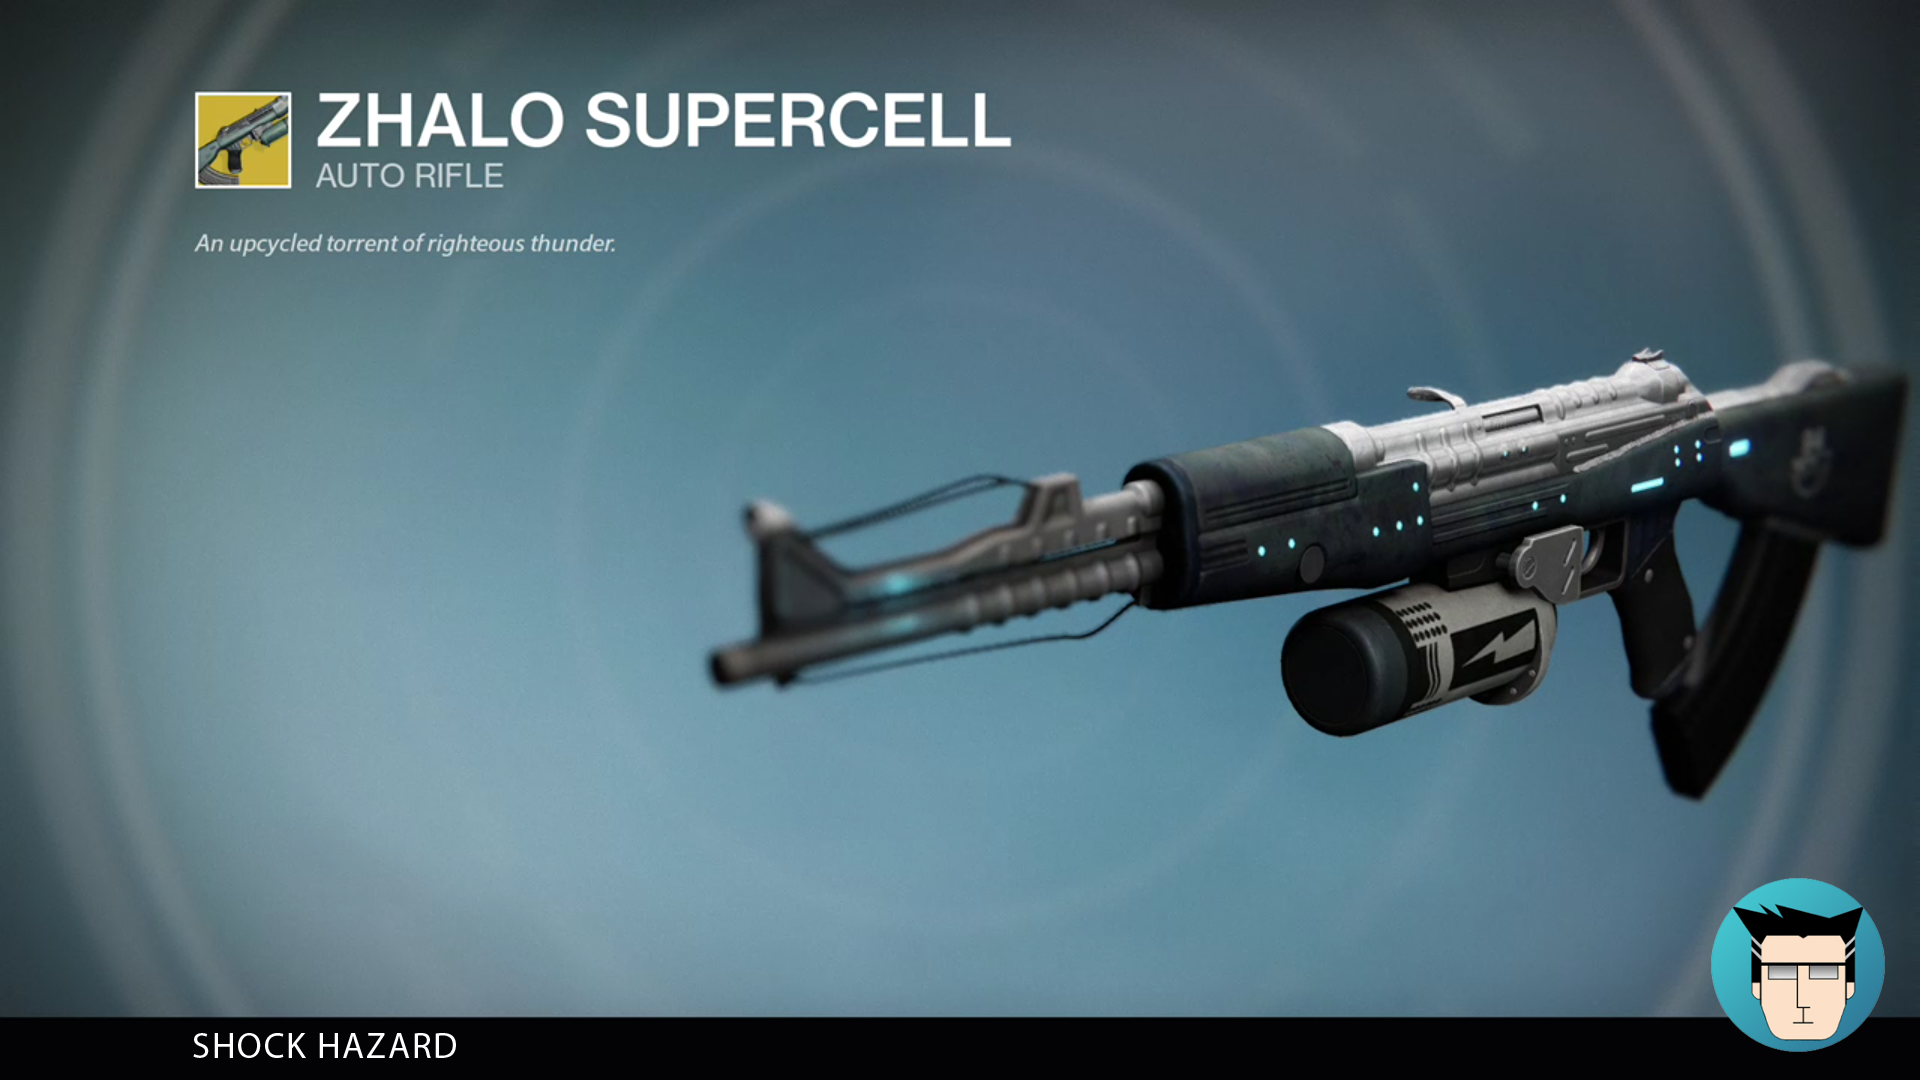 ZHALO SUPERCELL | SHOCK HAZARD